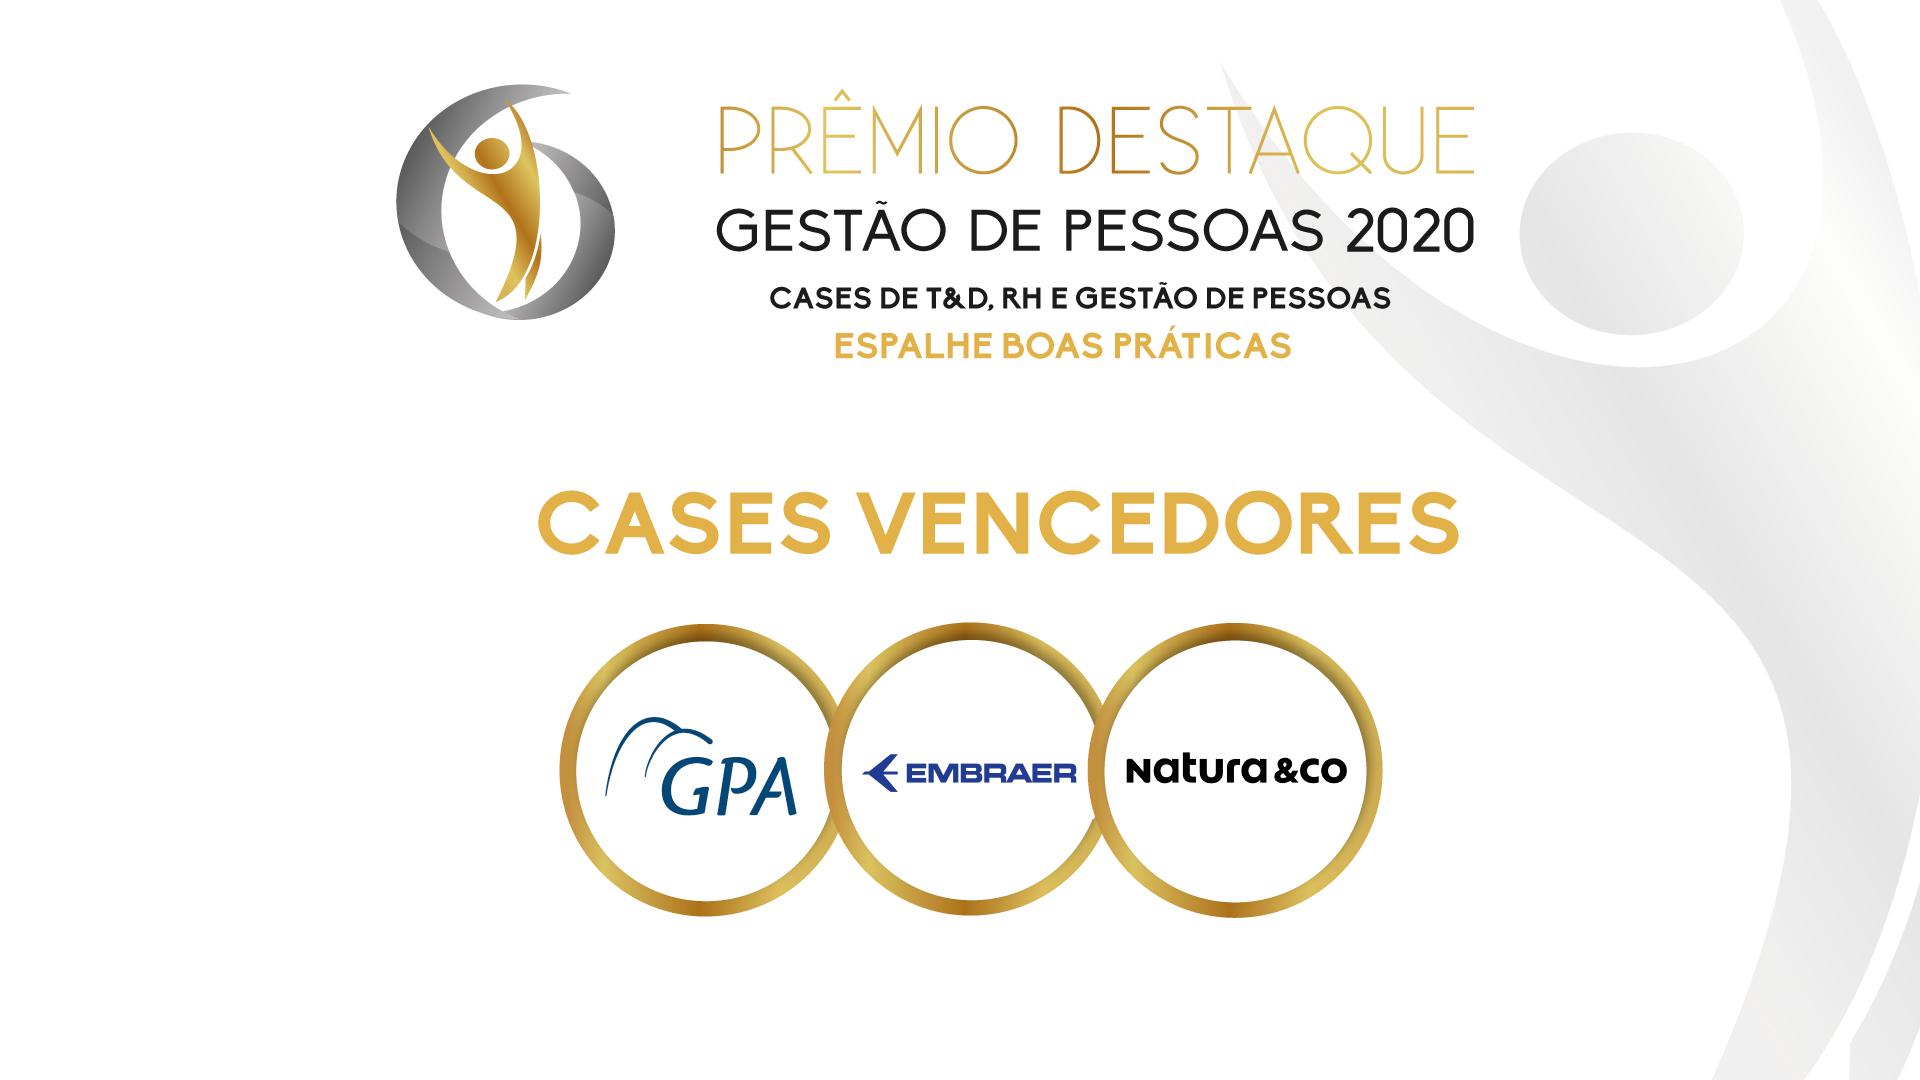 Parabéns aos ganhadores do Prêmio Destaque Gestão de Pessoas 2020!